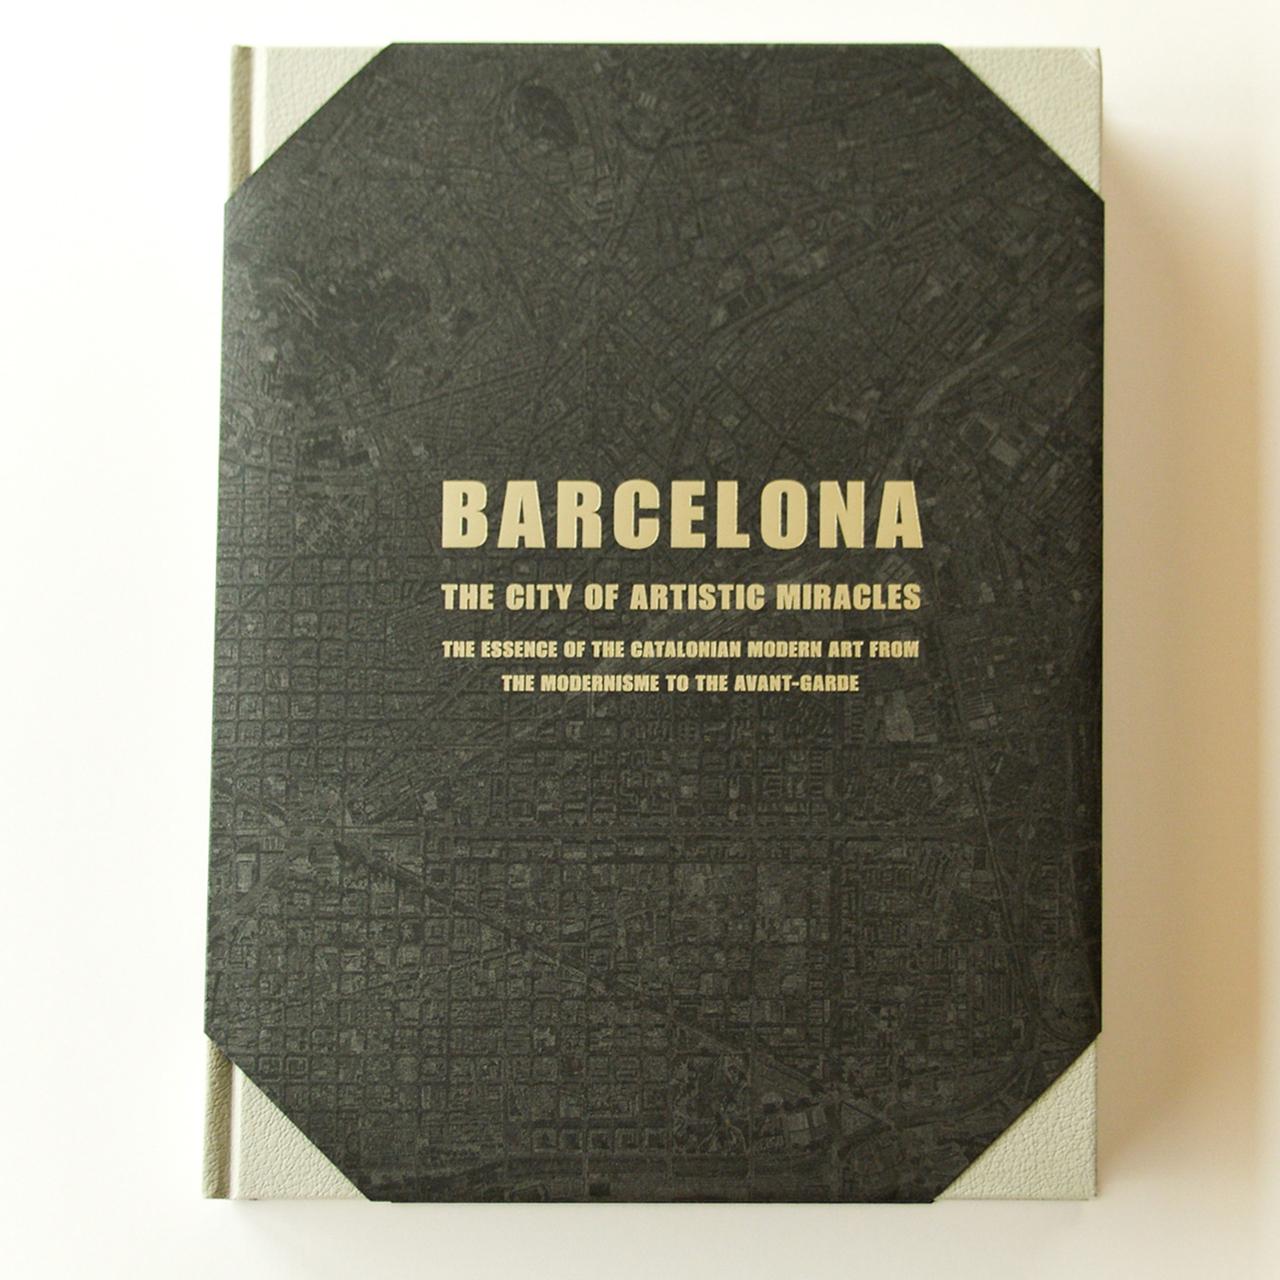 「奇蹟の芸術都市 バルセロナ」展 バルセロナ展 図録